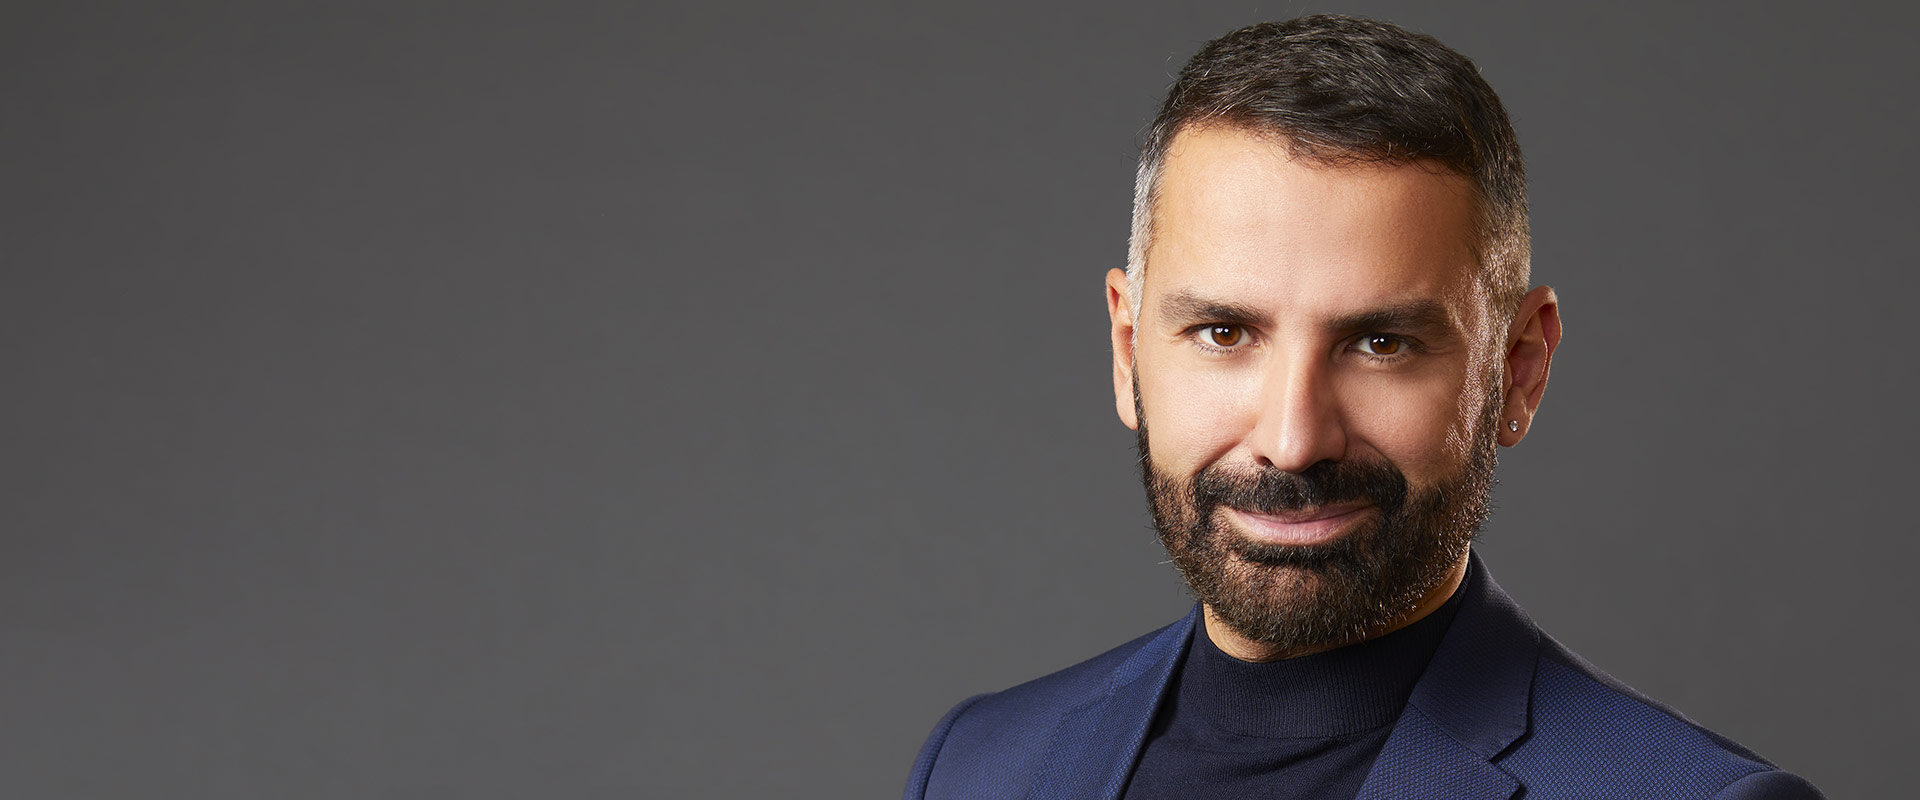 Filler viso: come valorizzare la bellezza del volto maschile